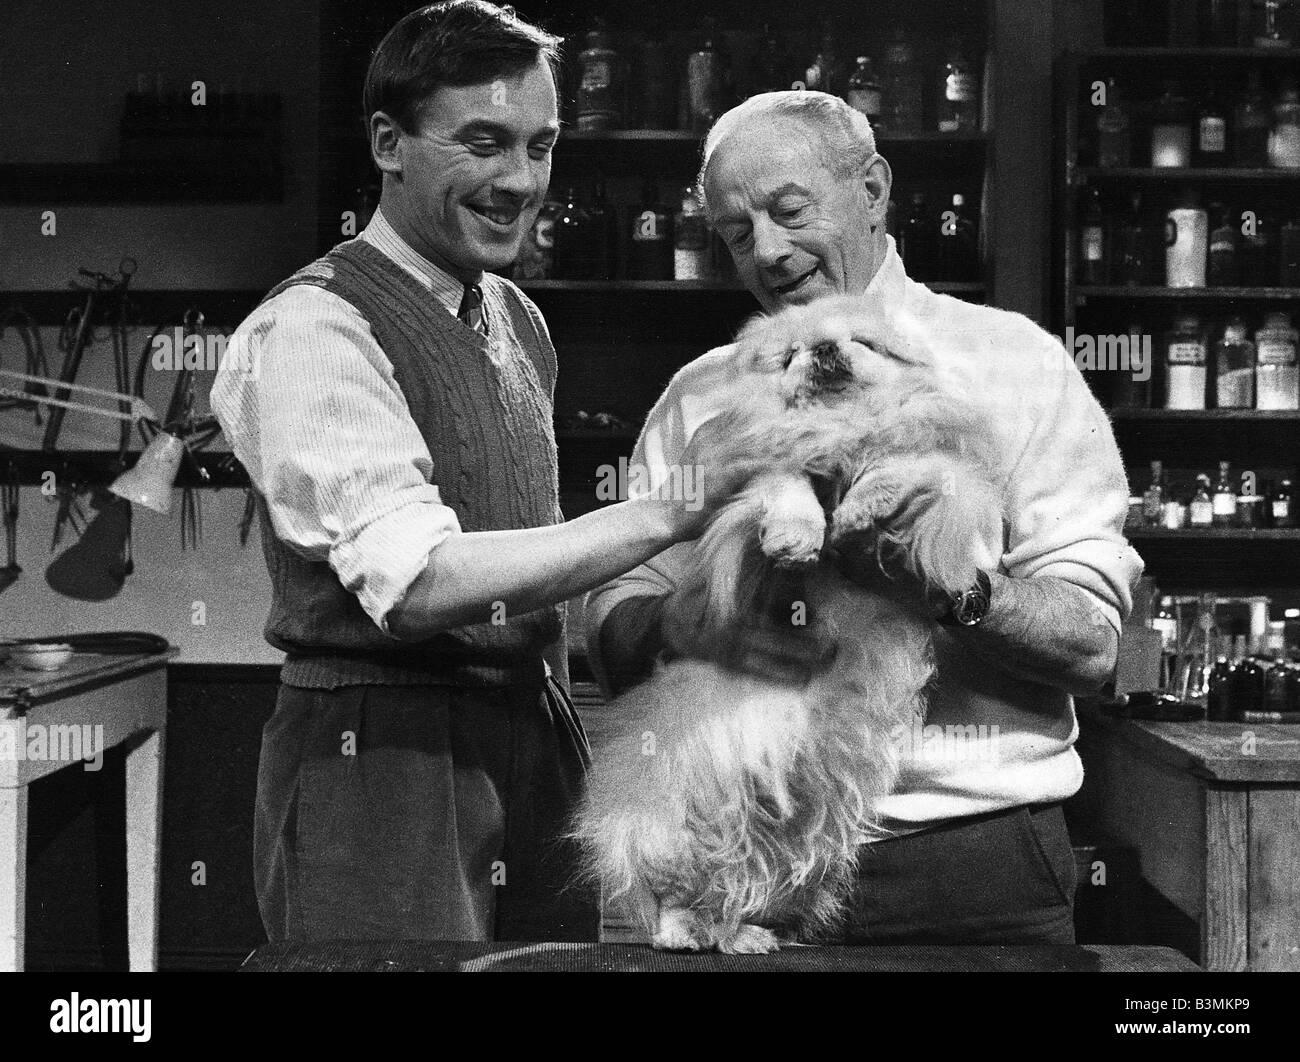 Todas las criaturas, grandes y pequeños, programa de TV 1980 Imagen De Stock